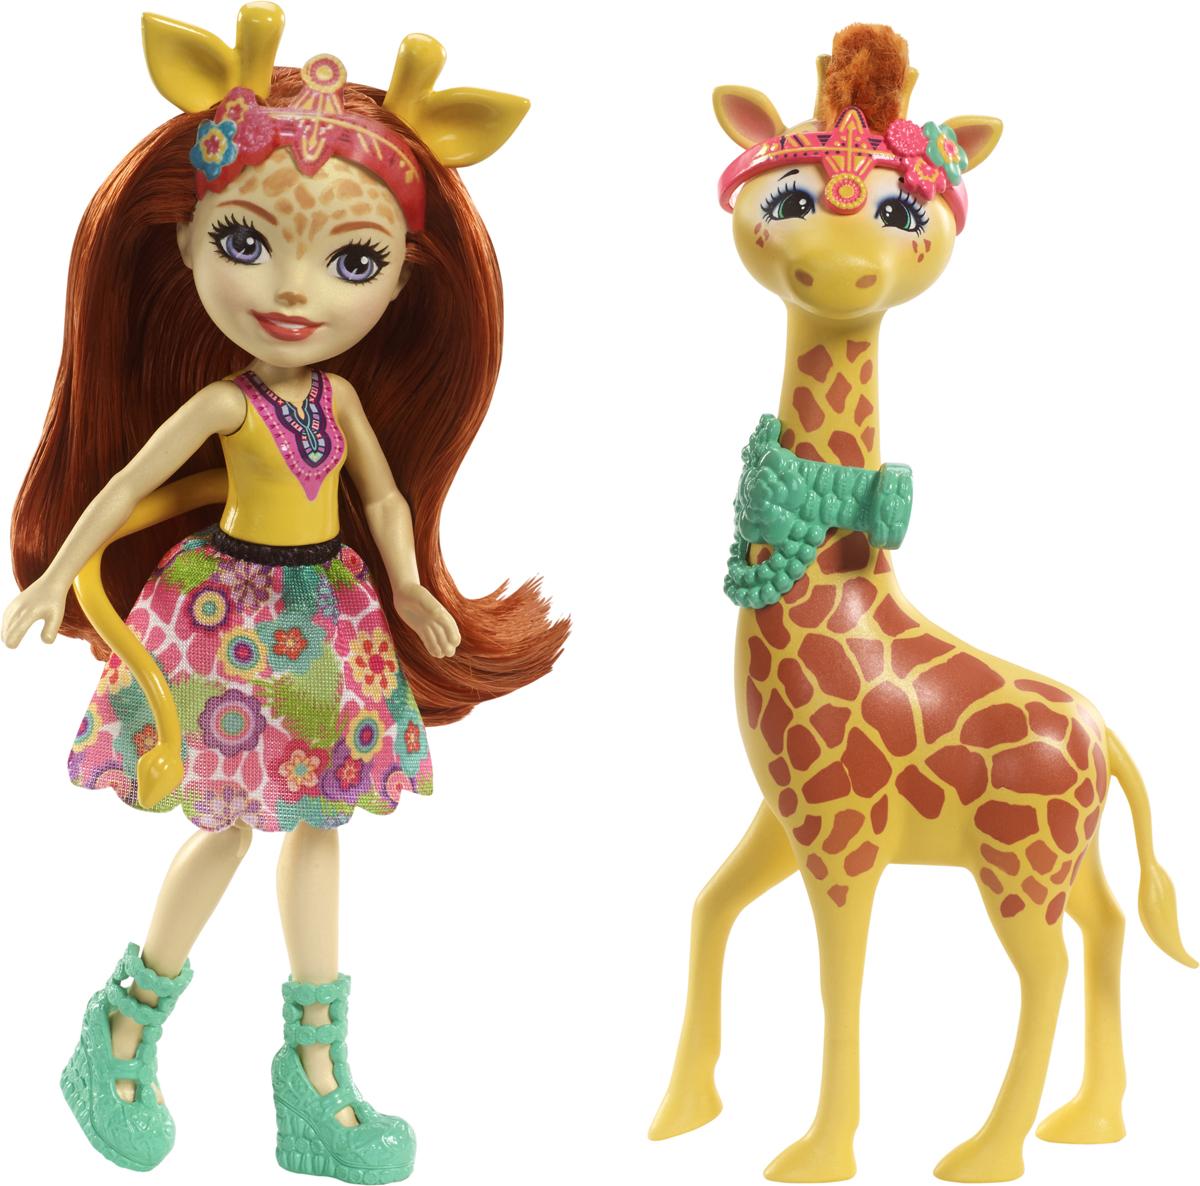 Enchantimals Игровой набор с куклой Gillian Giraffe & Pawl игровой набор с куклой findustoys infant doll fd 35 008 1 фиолетовый